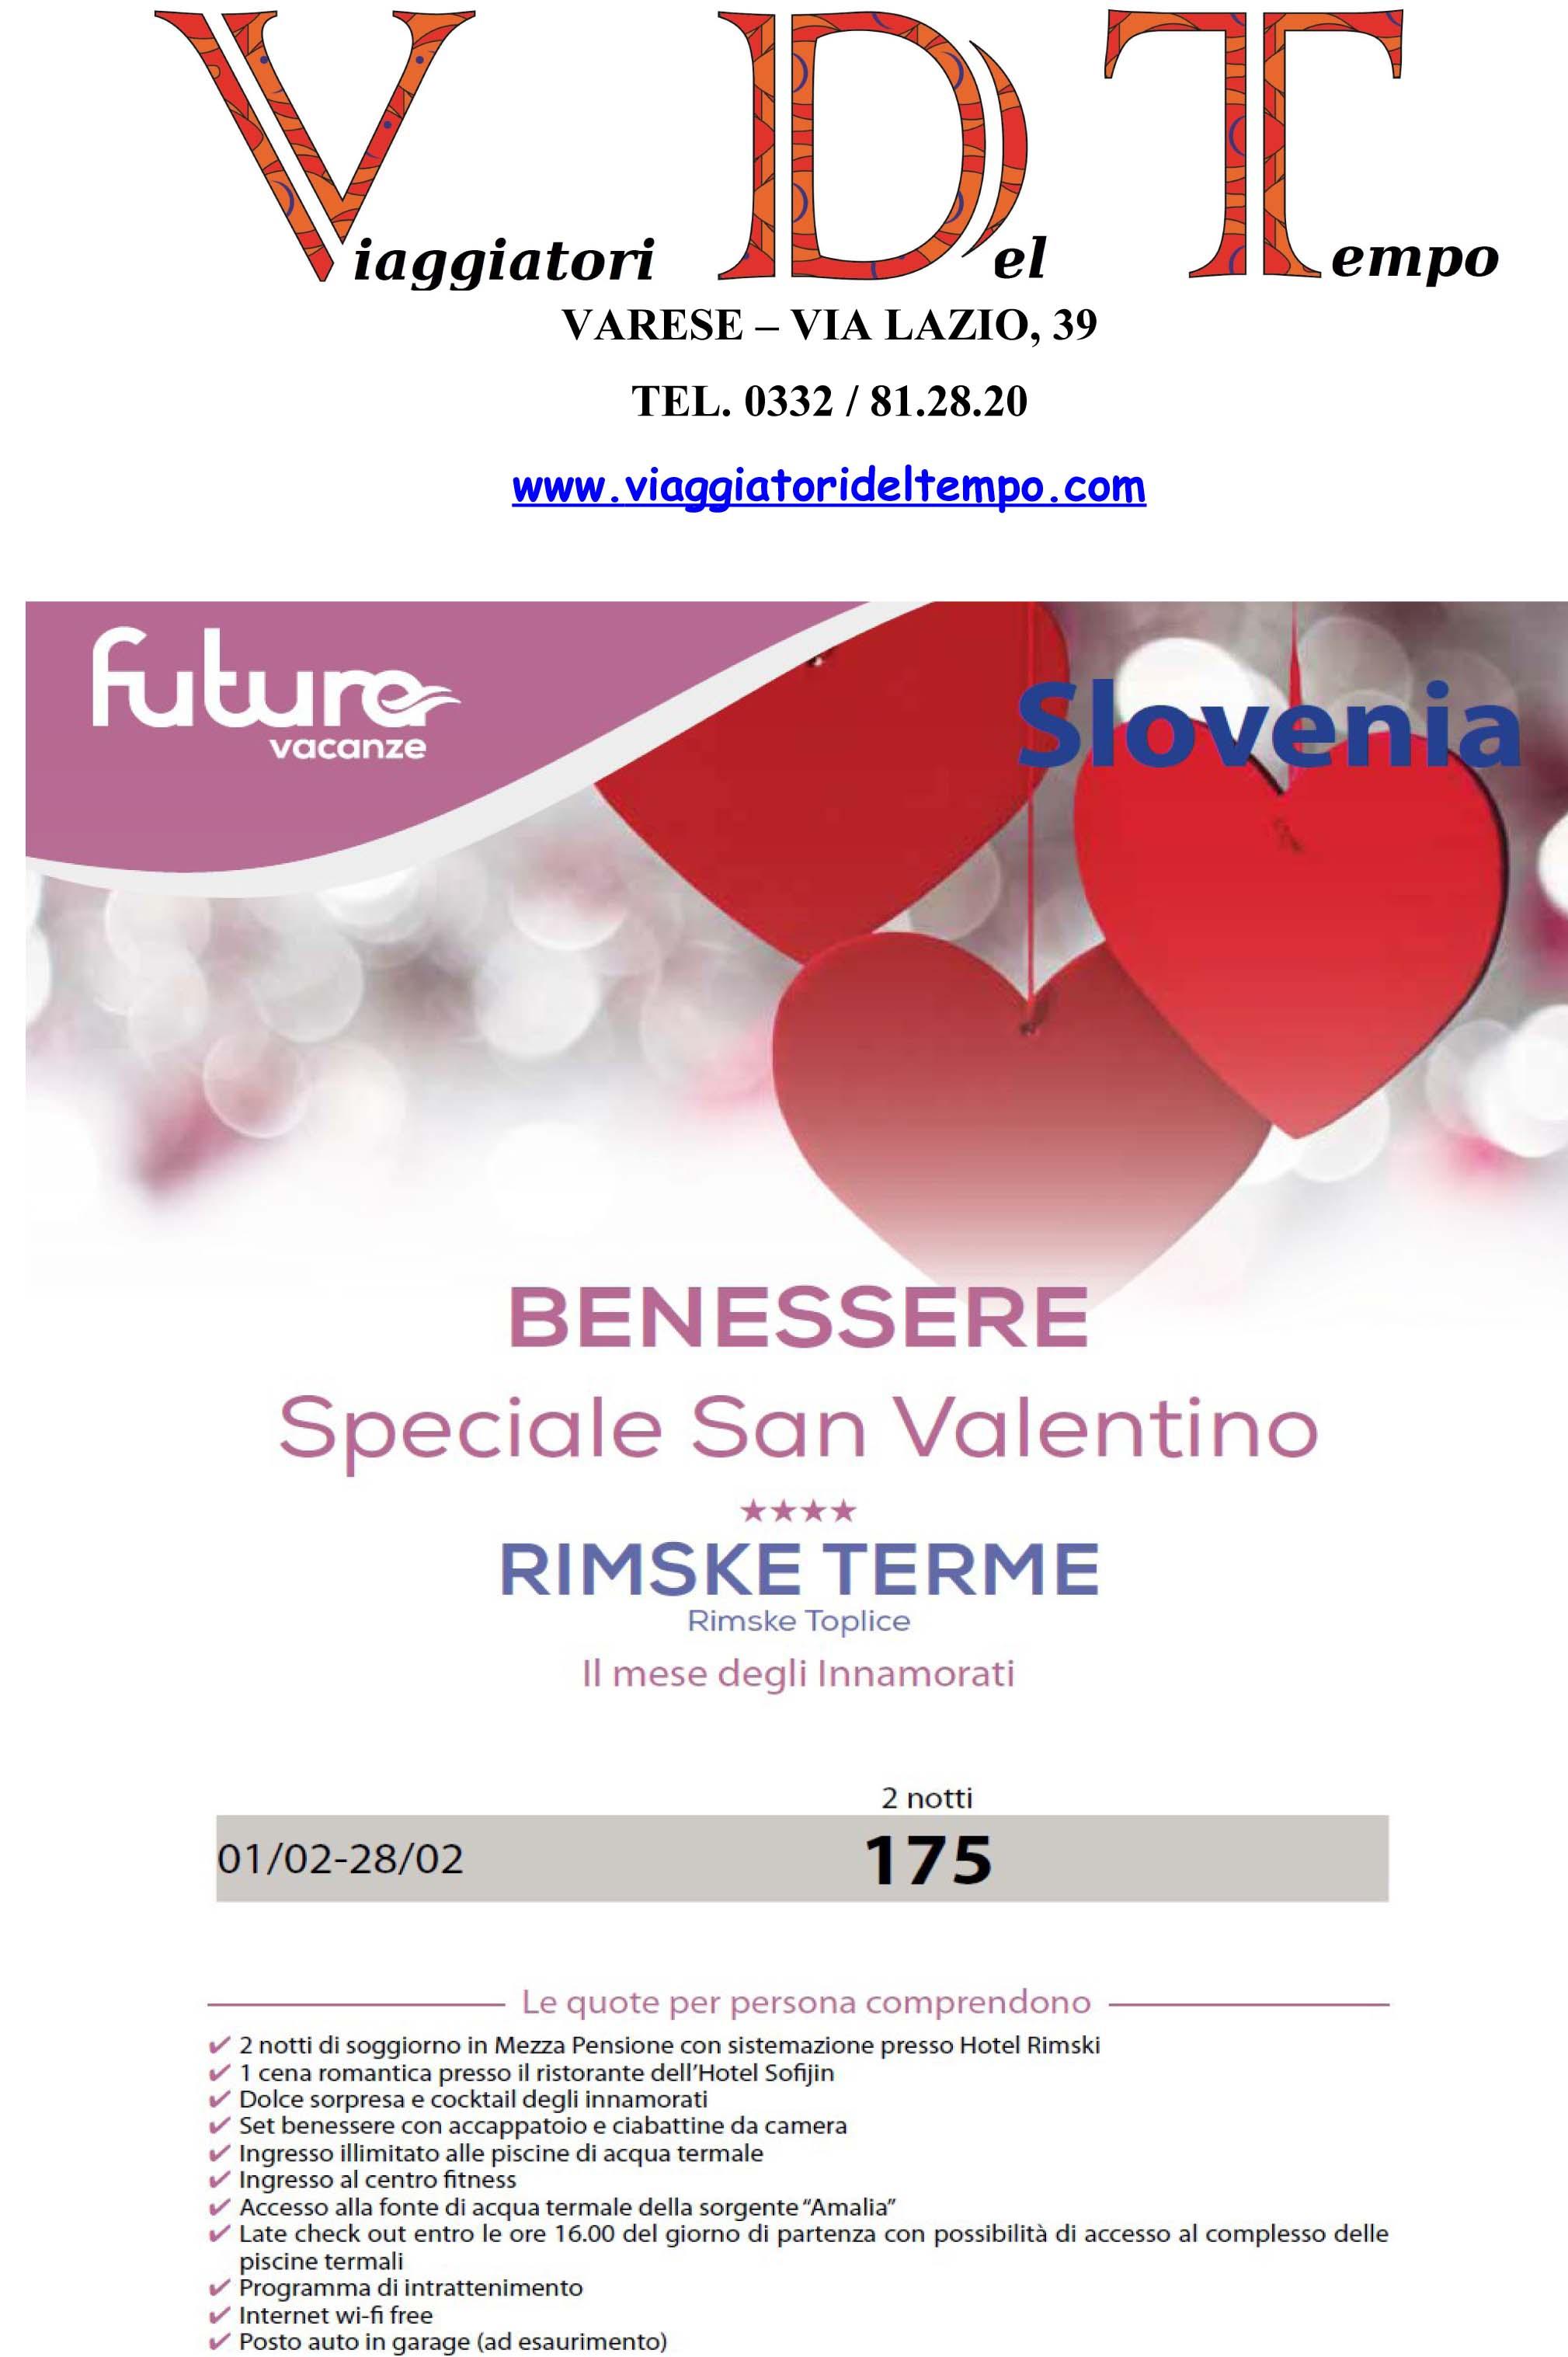 agenzia viaggi varese BENESSERE SAN VALENTINO SLOVENIA